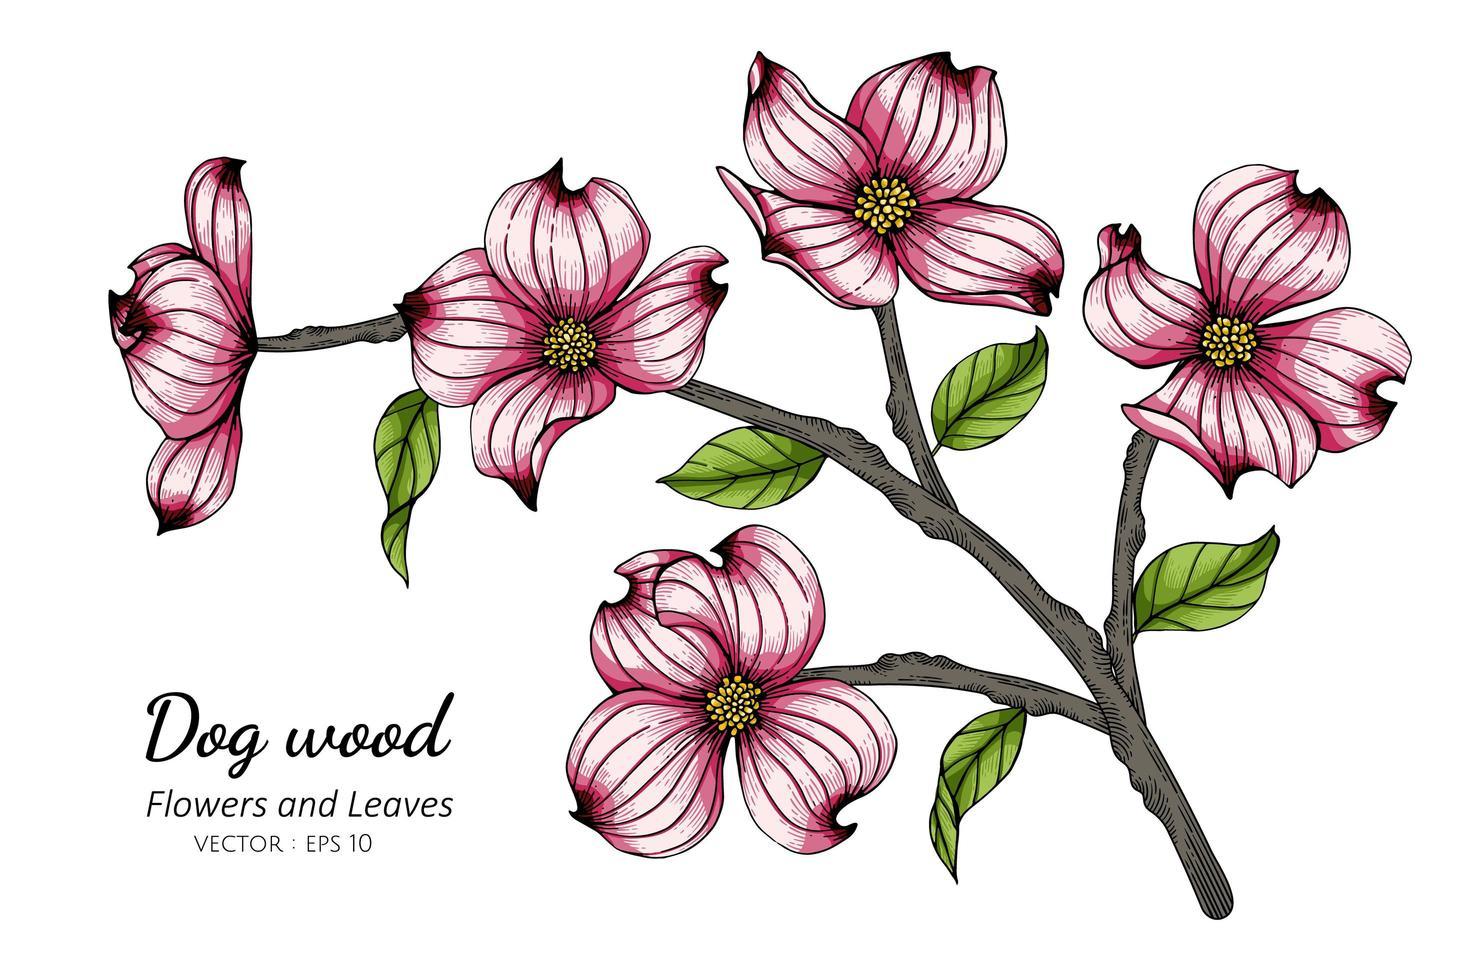 dessin de fleur et feuille de cornouiller rose vecteur